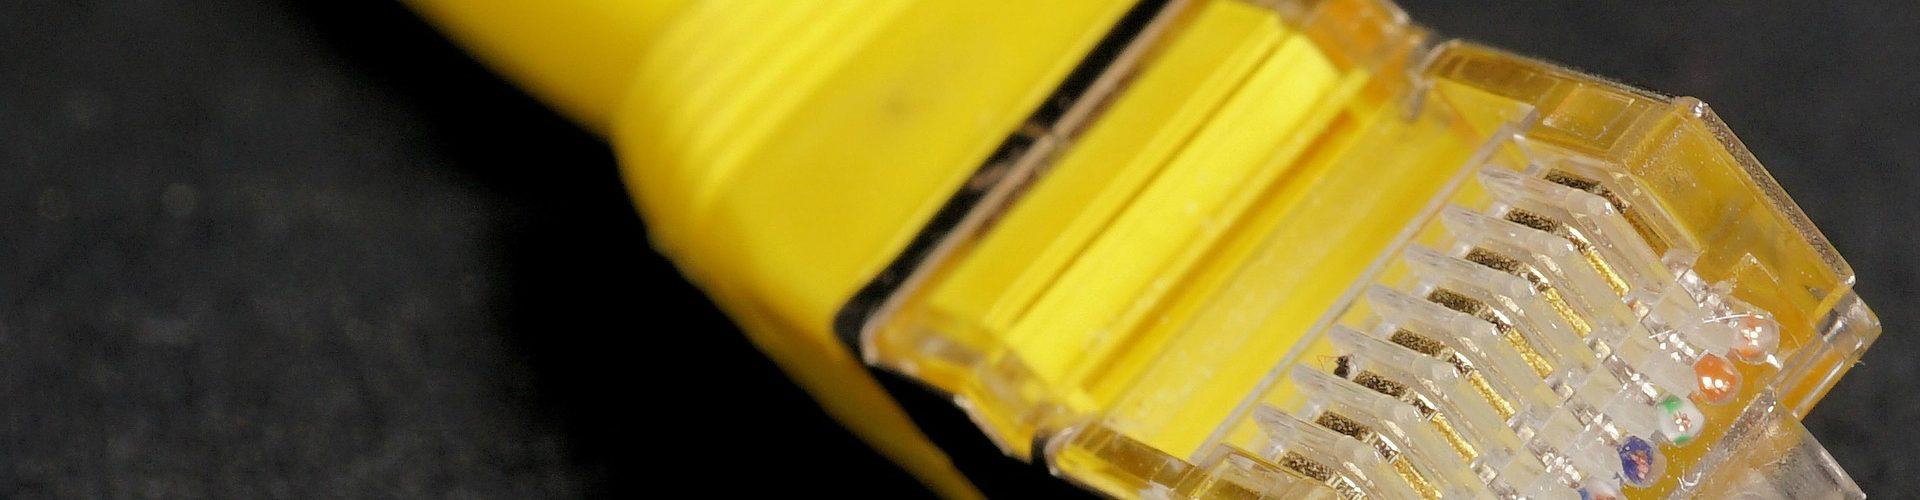 internet-cable-reseau-ethernet-jaune